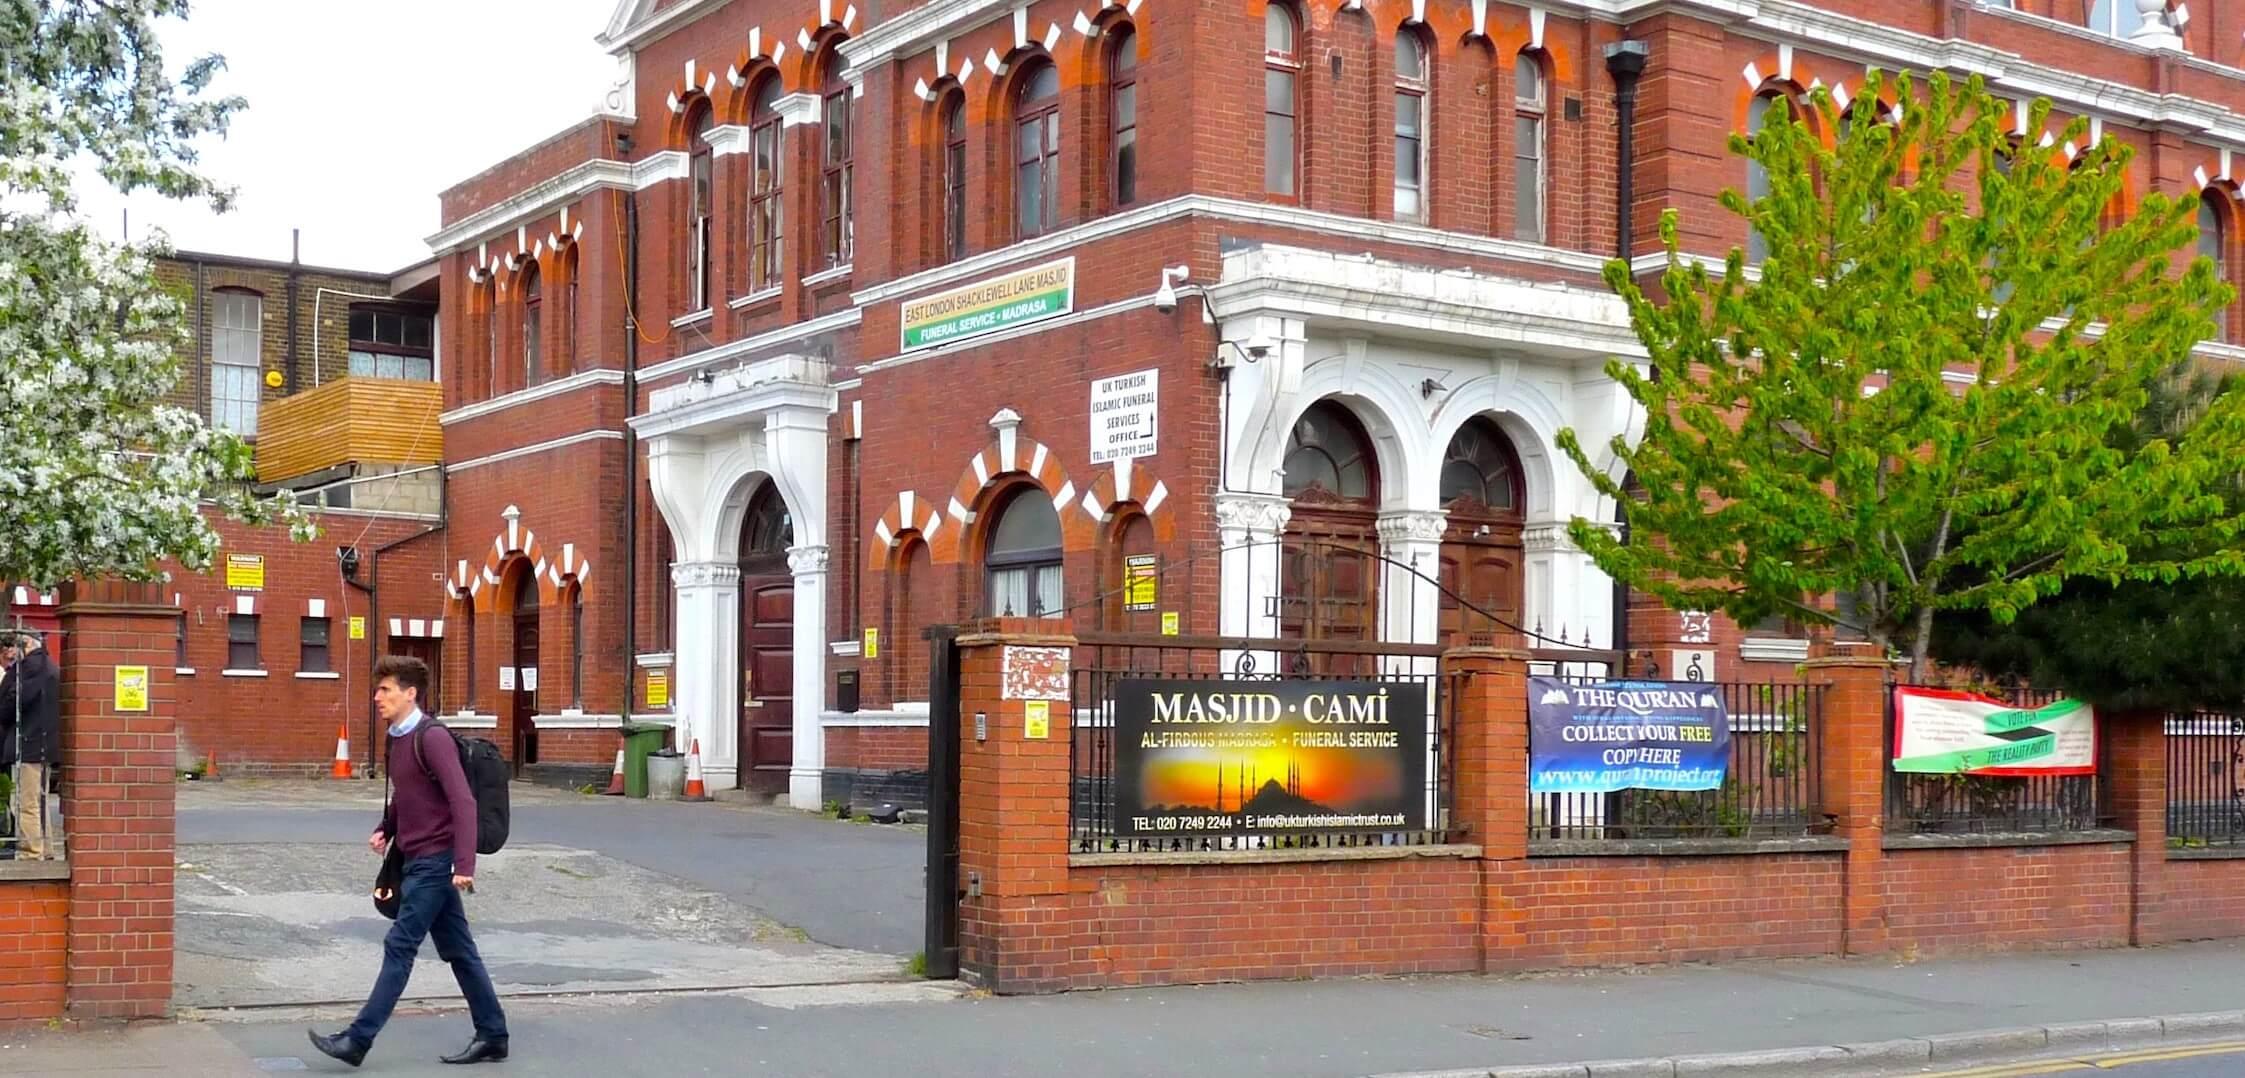 Nhà thờ Hồi giáo ở London chấp nhận Bitcoin